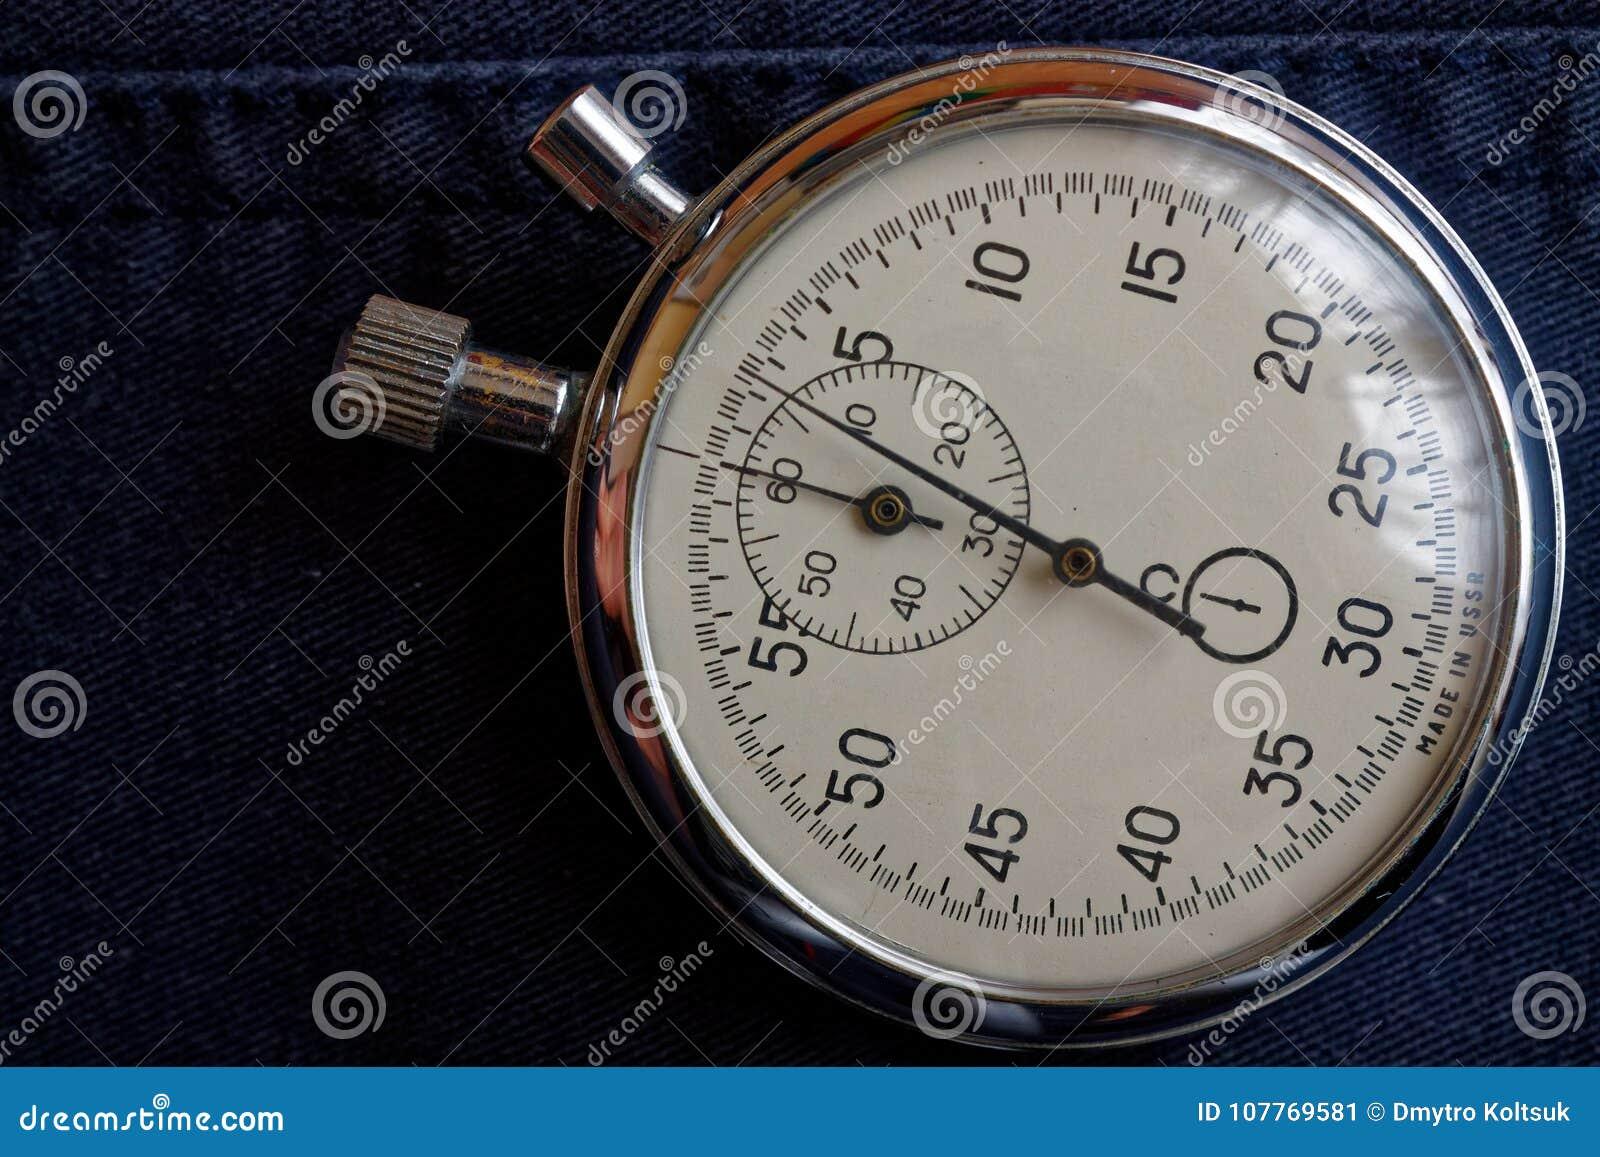 在深蓝牛仔裤背景,价值措施时间、老时钟箭头分钟和第二个准确性定时器纪录的秒表